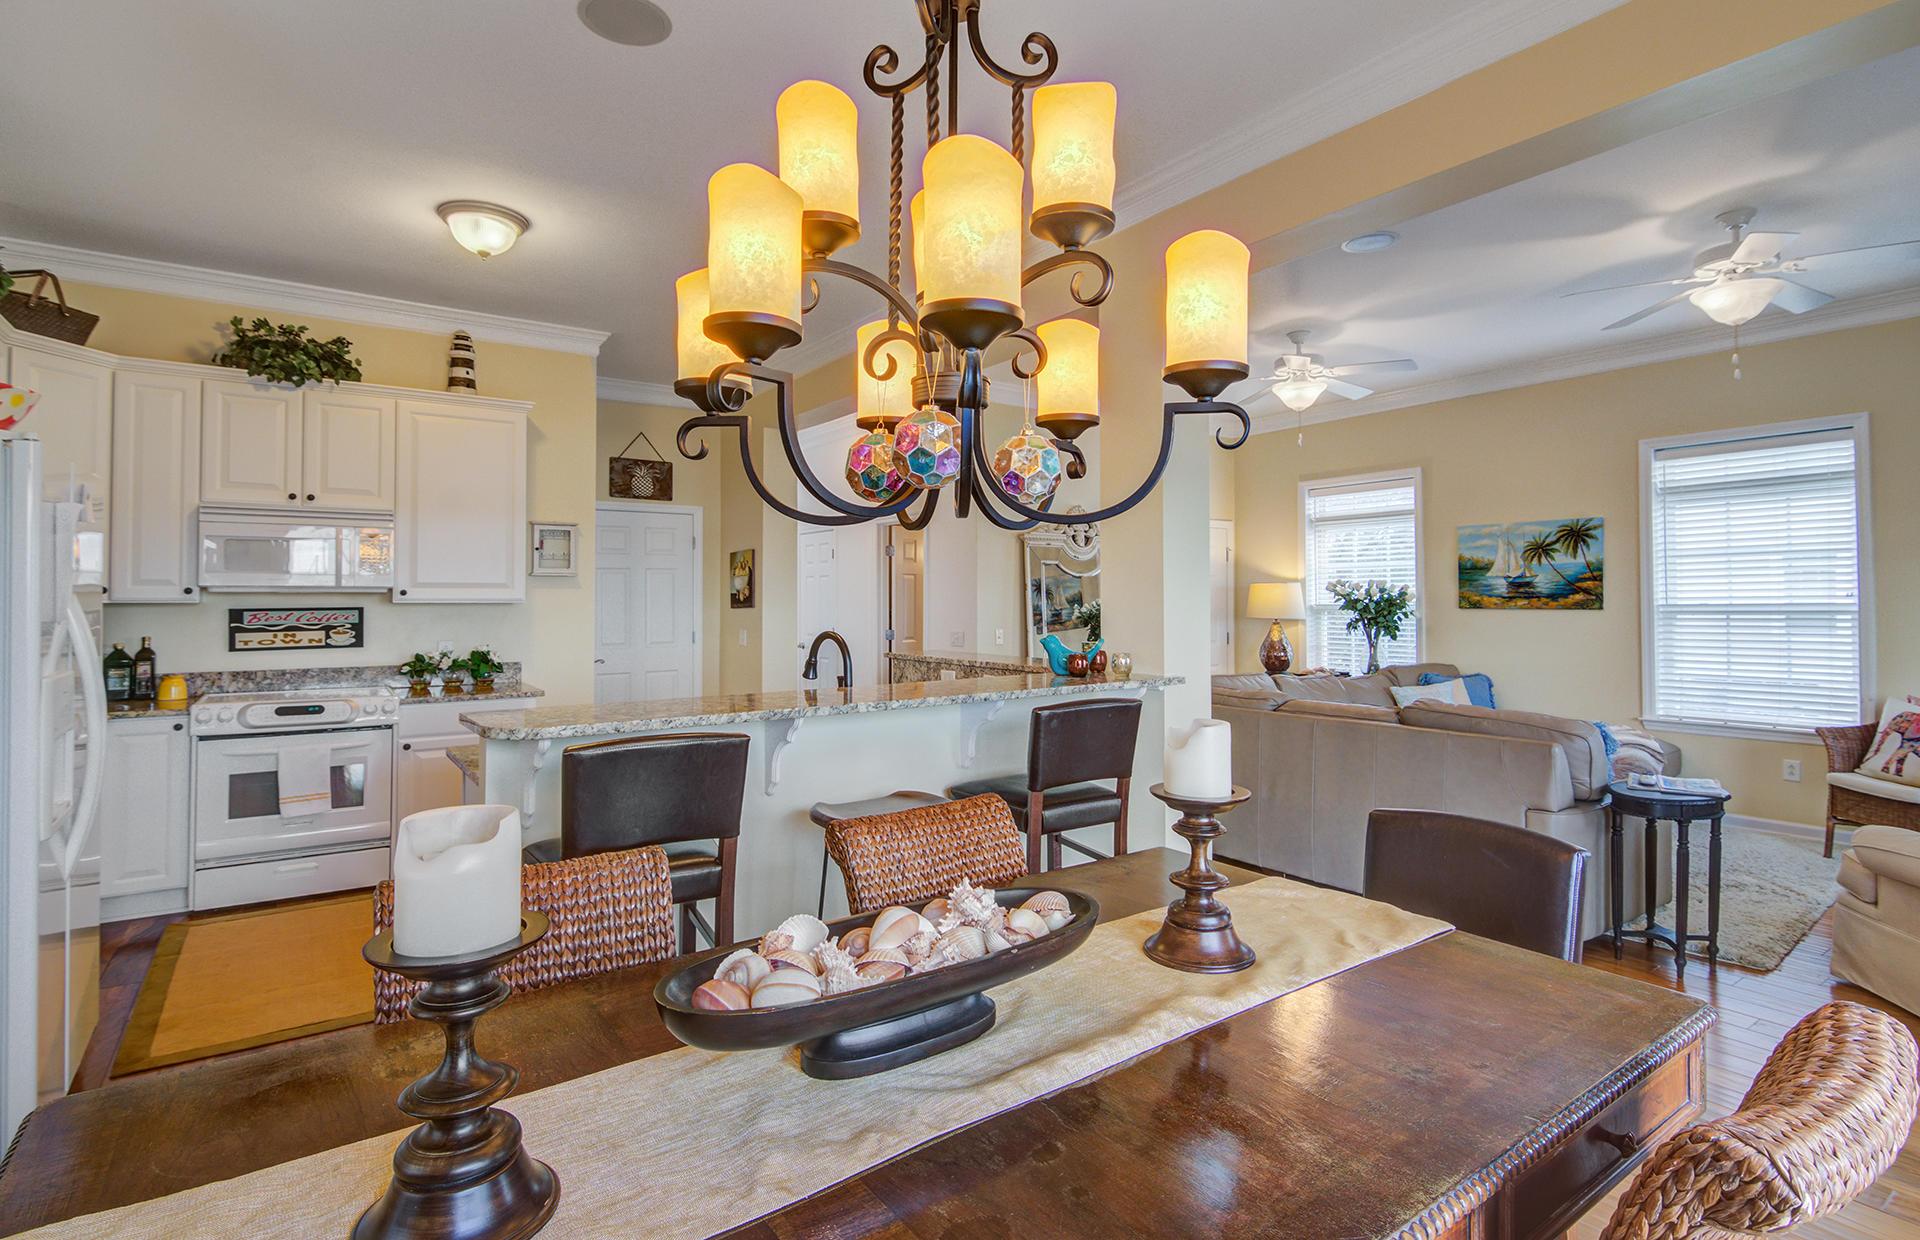 Sunset Cay Marina Homes For Sale - 67 9th, Folly Beach, SC - 10